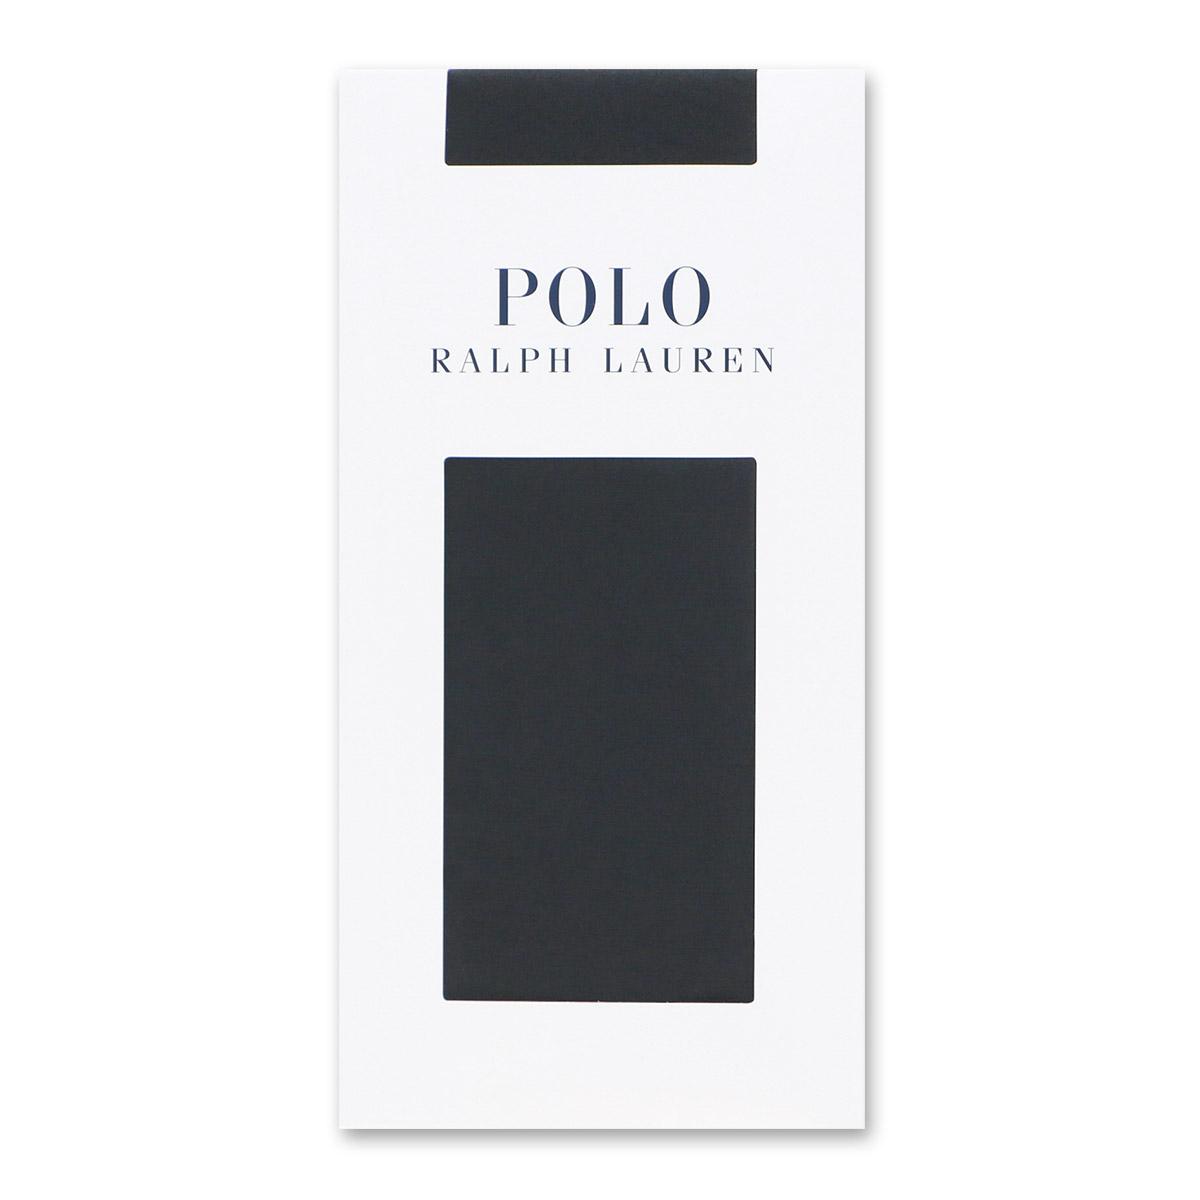 セール31%OFF!POLO RALPH LAUREN ポロ ラルフローレン ウィメンズ 110デニール プレーティング タイツ シルクプロテイン加工 ソフトな肌触り 186-3111